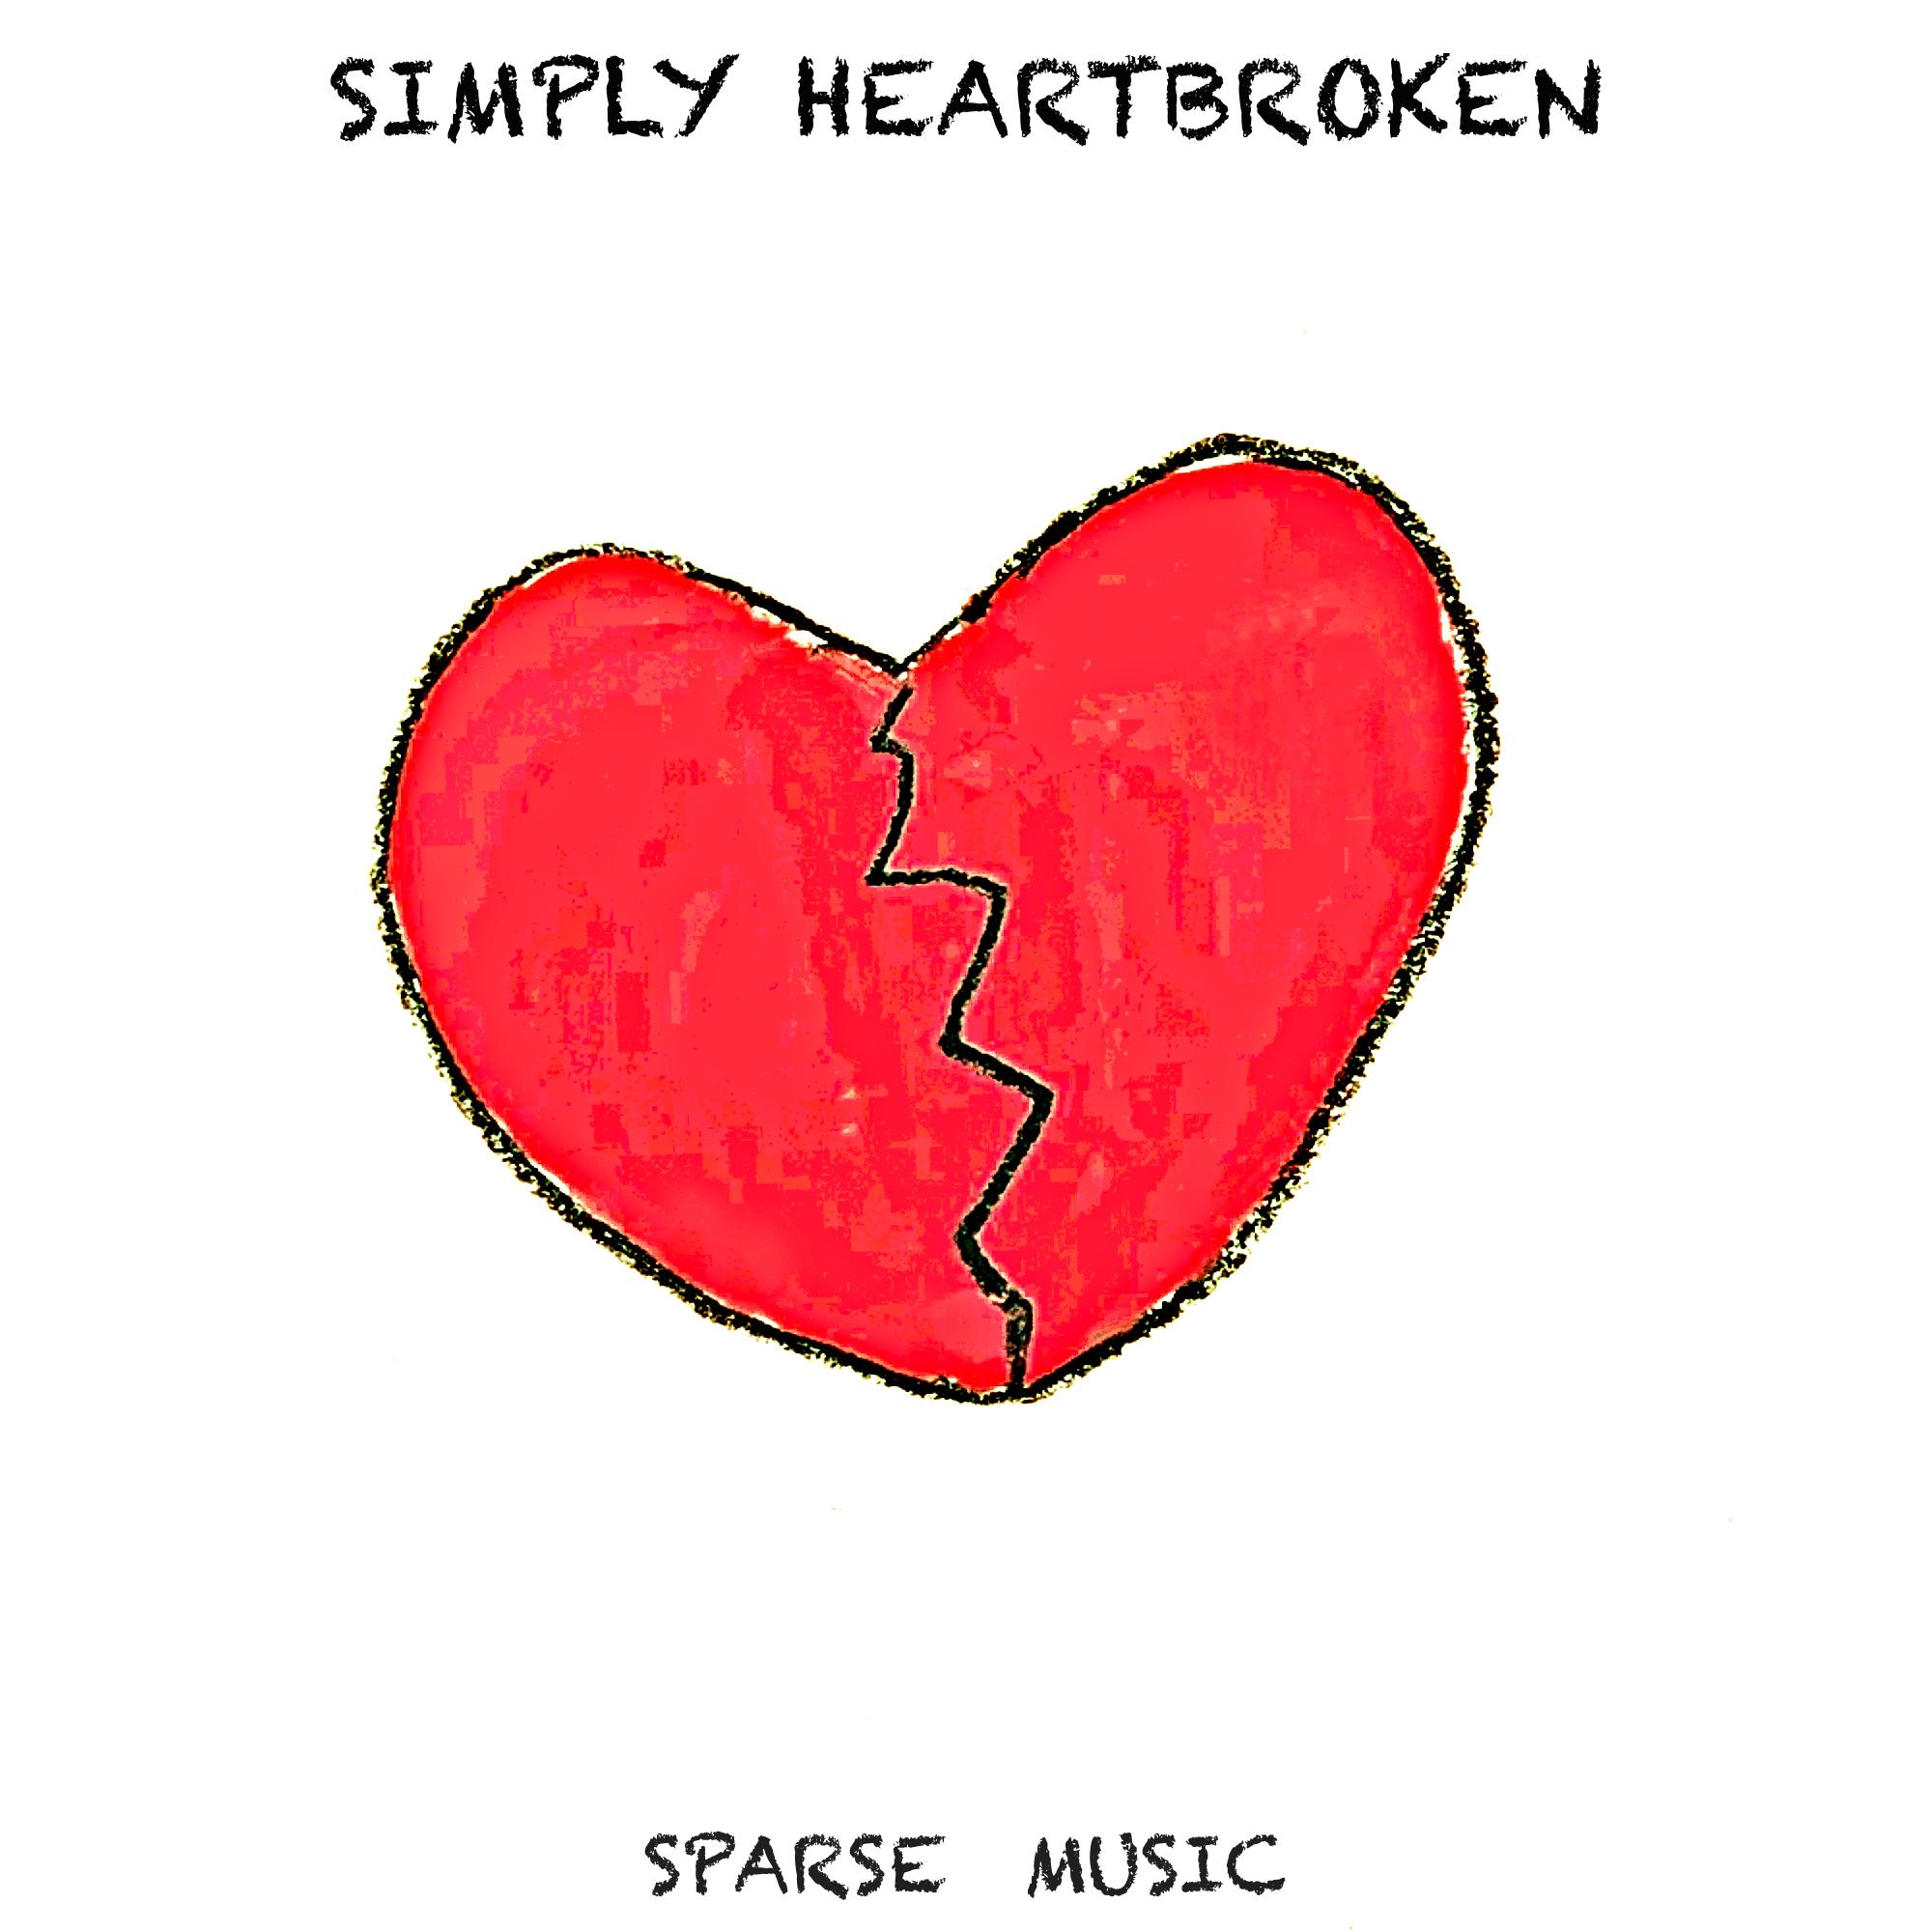 SPRS 01080 SIMPLY HEARTBROKEN 2000